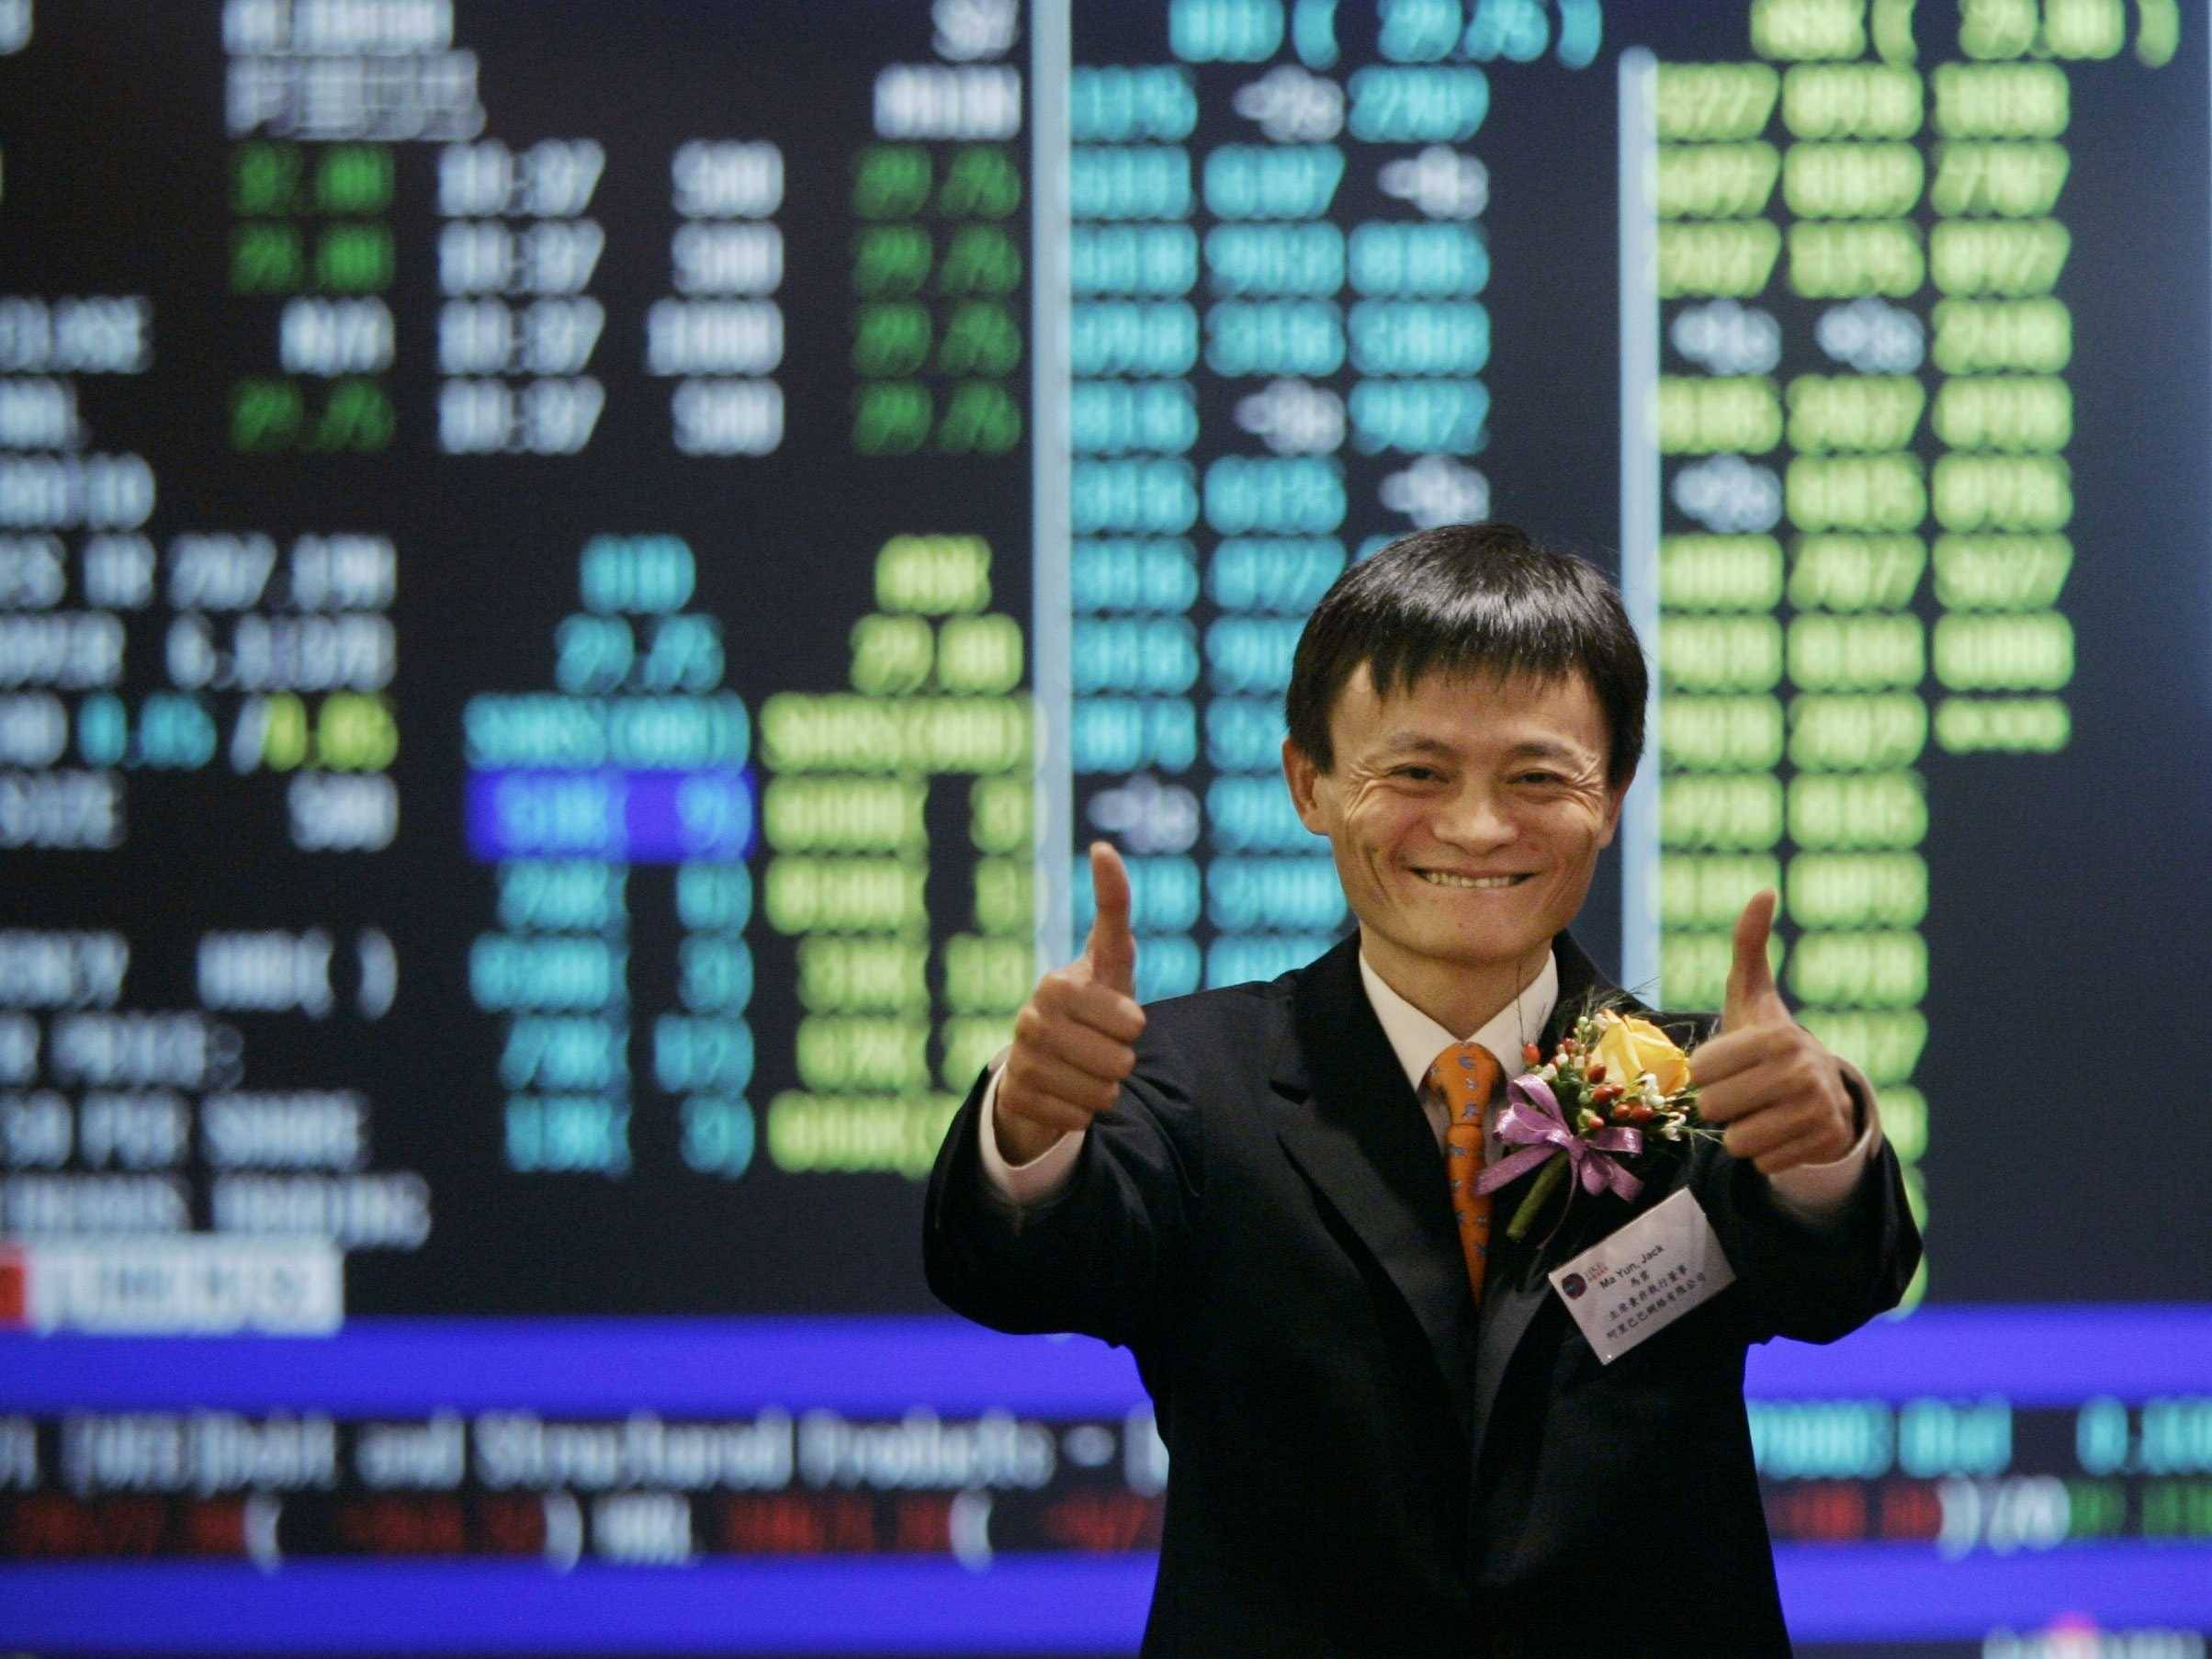 Как начать бизнес с китаем— 10 простых шагов от а до я для начинающих предпринимателей по организации собственного бизнеса на перепродаже товаров